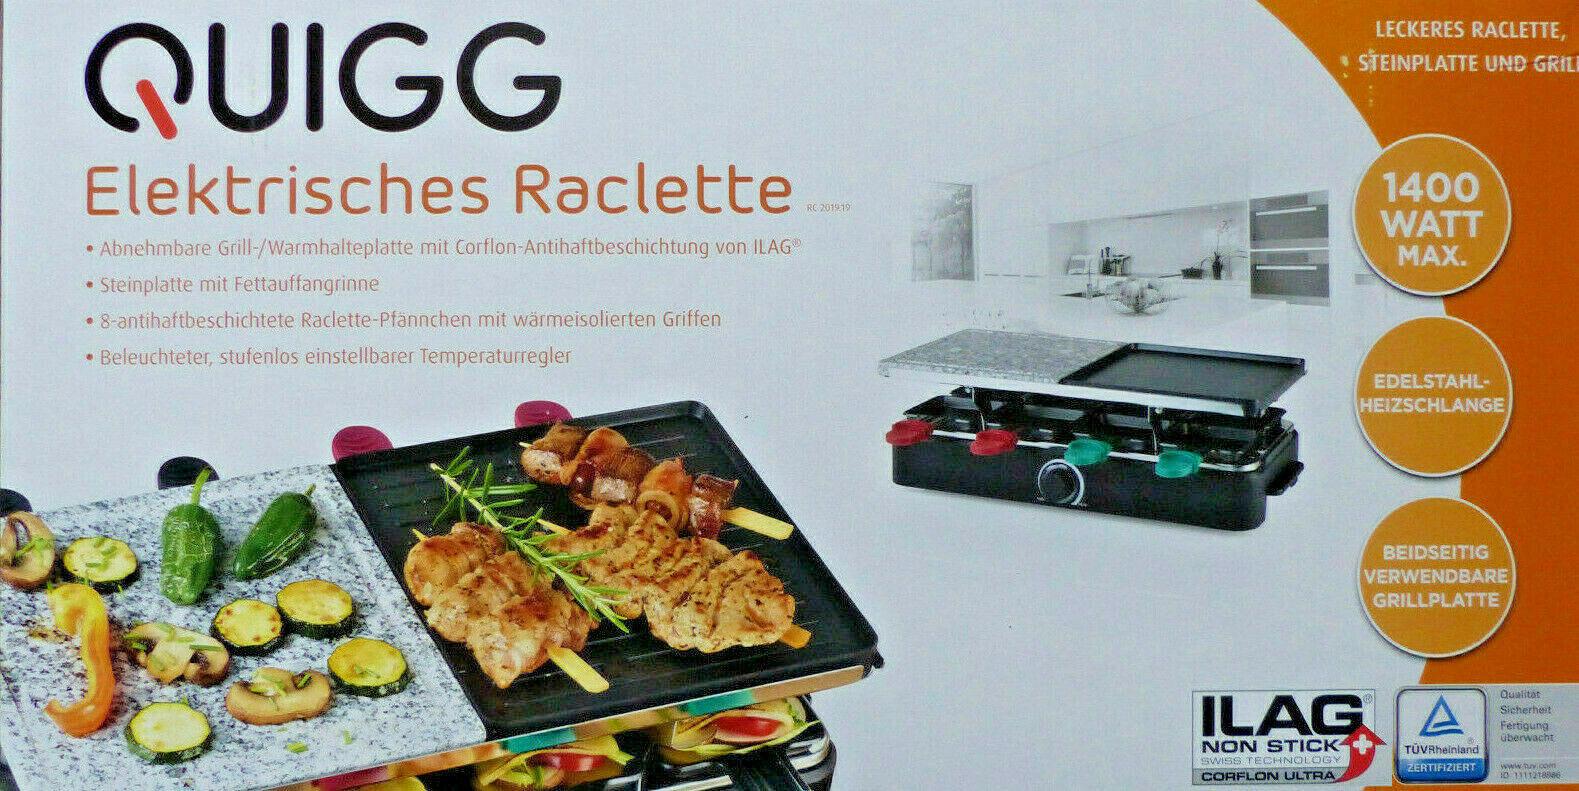 Quigg Elektrisches Raclette für 19,39 Euro im Angebot kaufen (Aldi Nord)